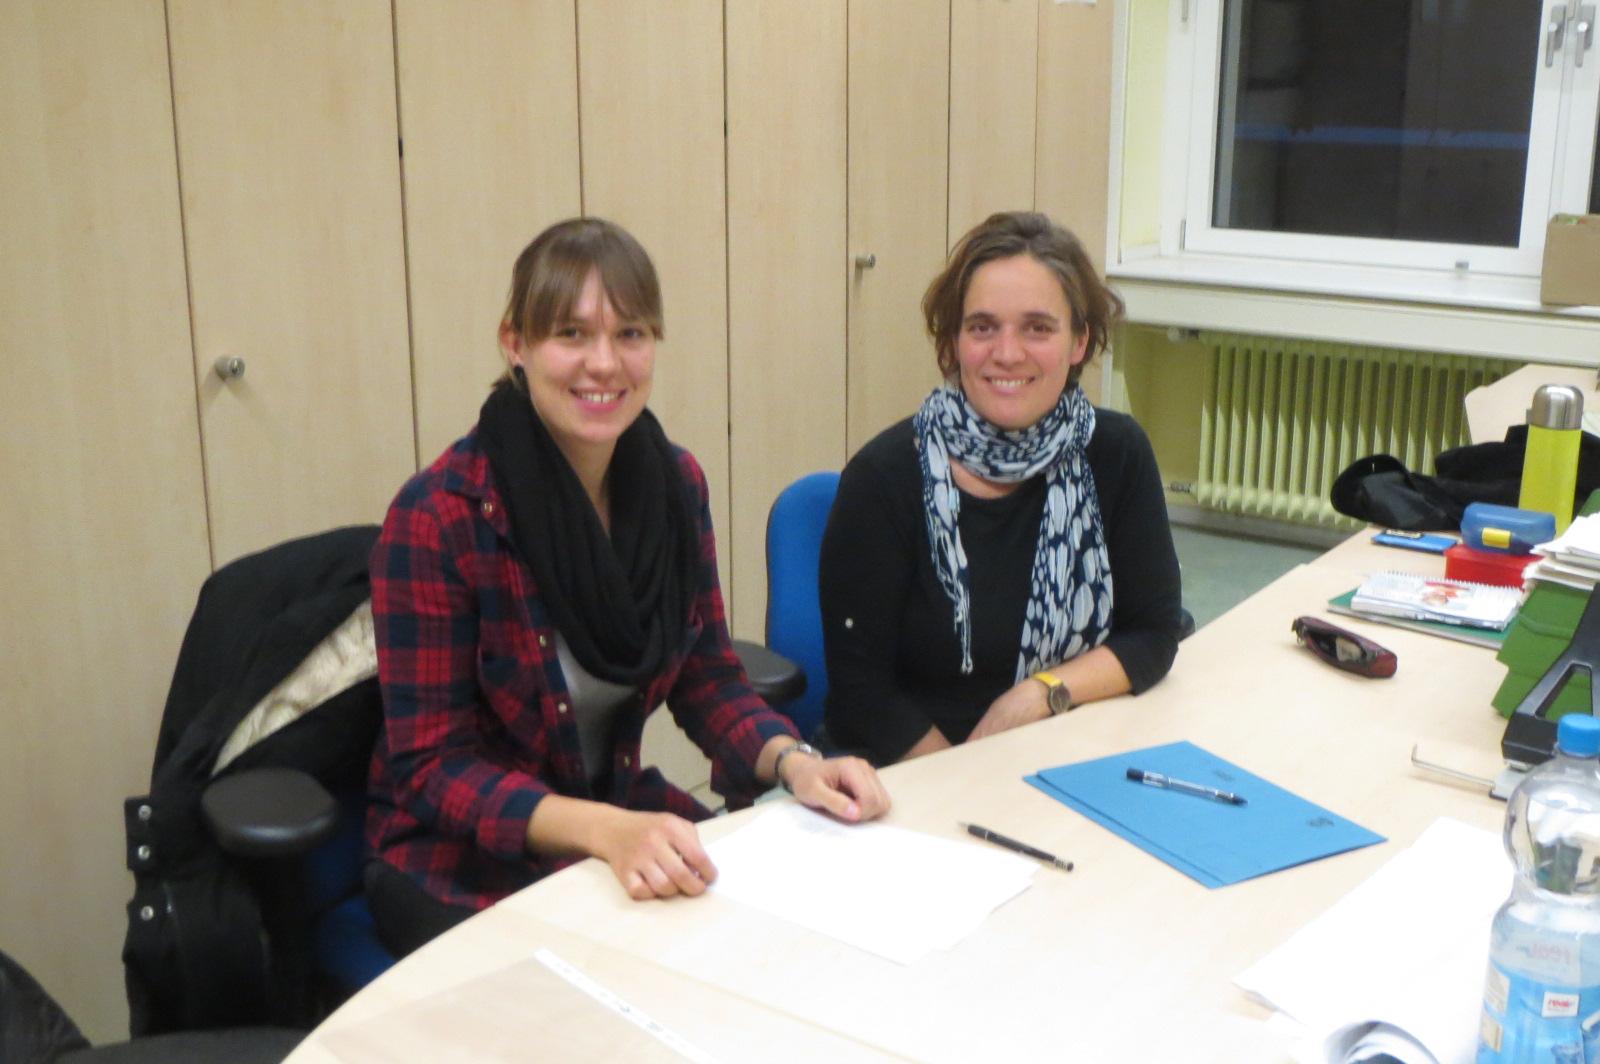 Ausbau der Kooperation mit dem Hans-Böckler-Berufskolleg